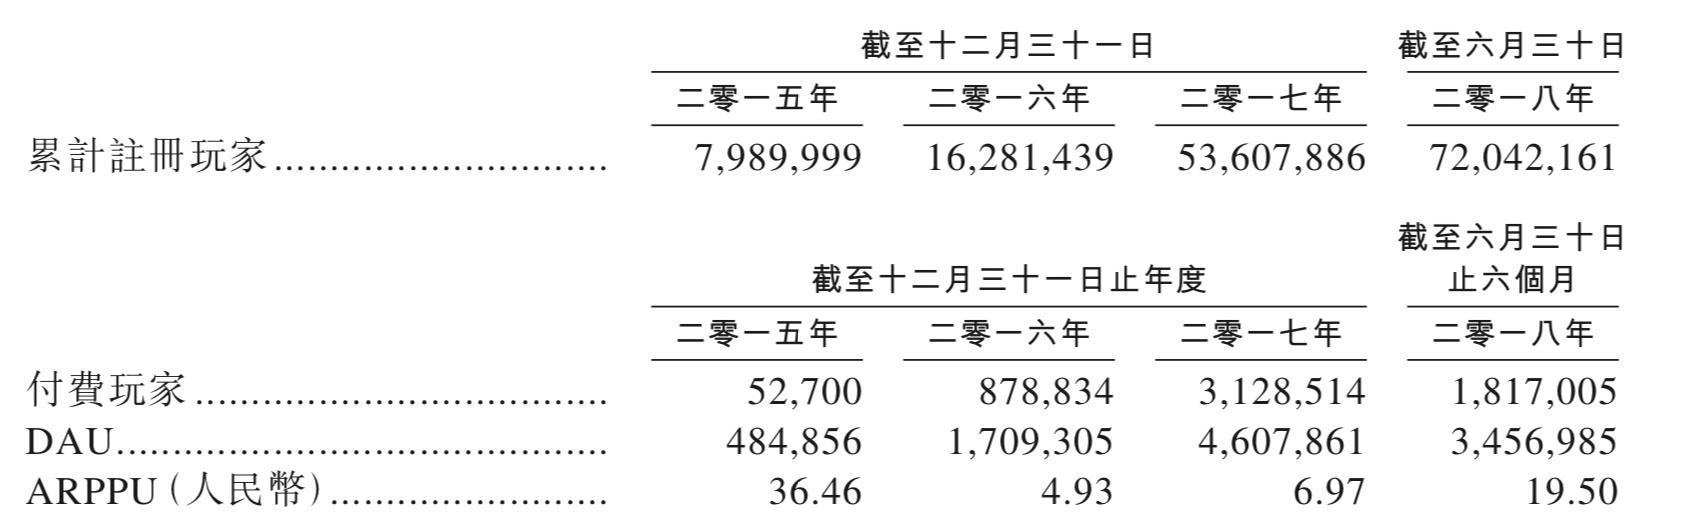 棋牌游戏公司家乡互动赴港IPO 上半年营收2.12亿元